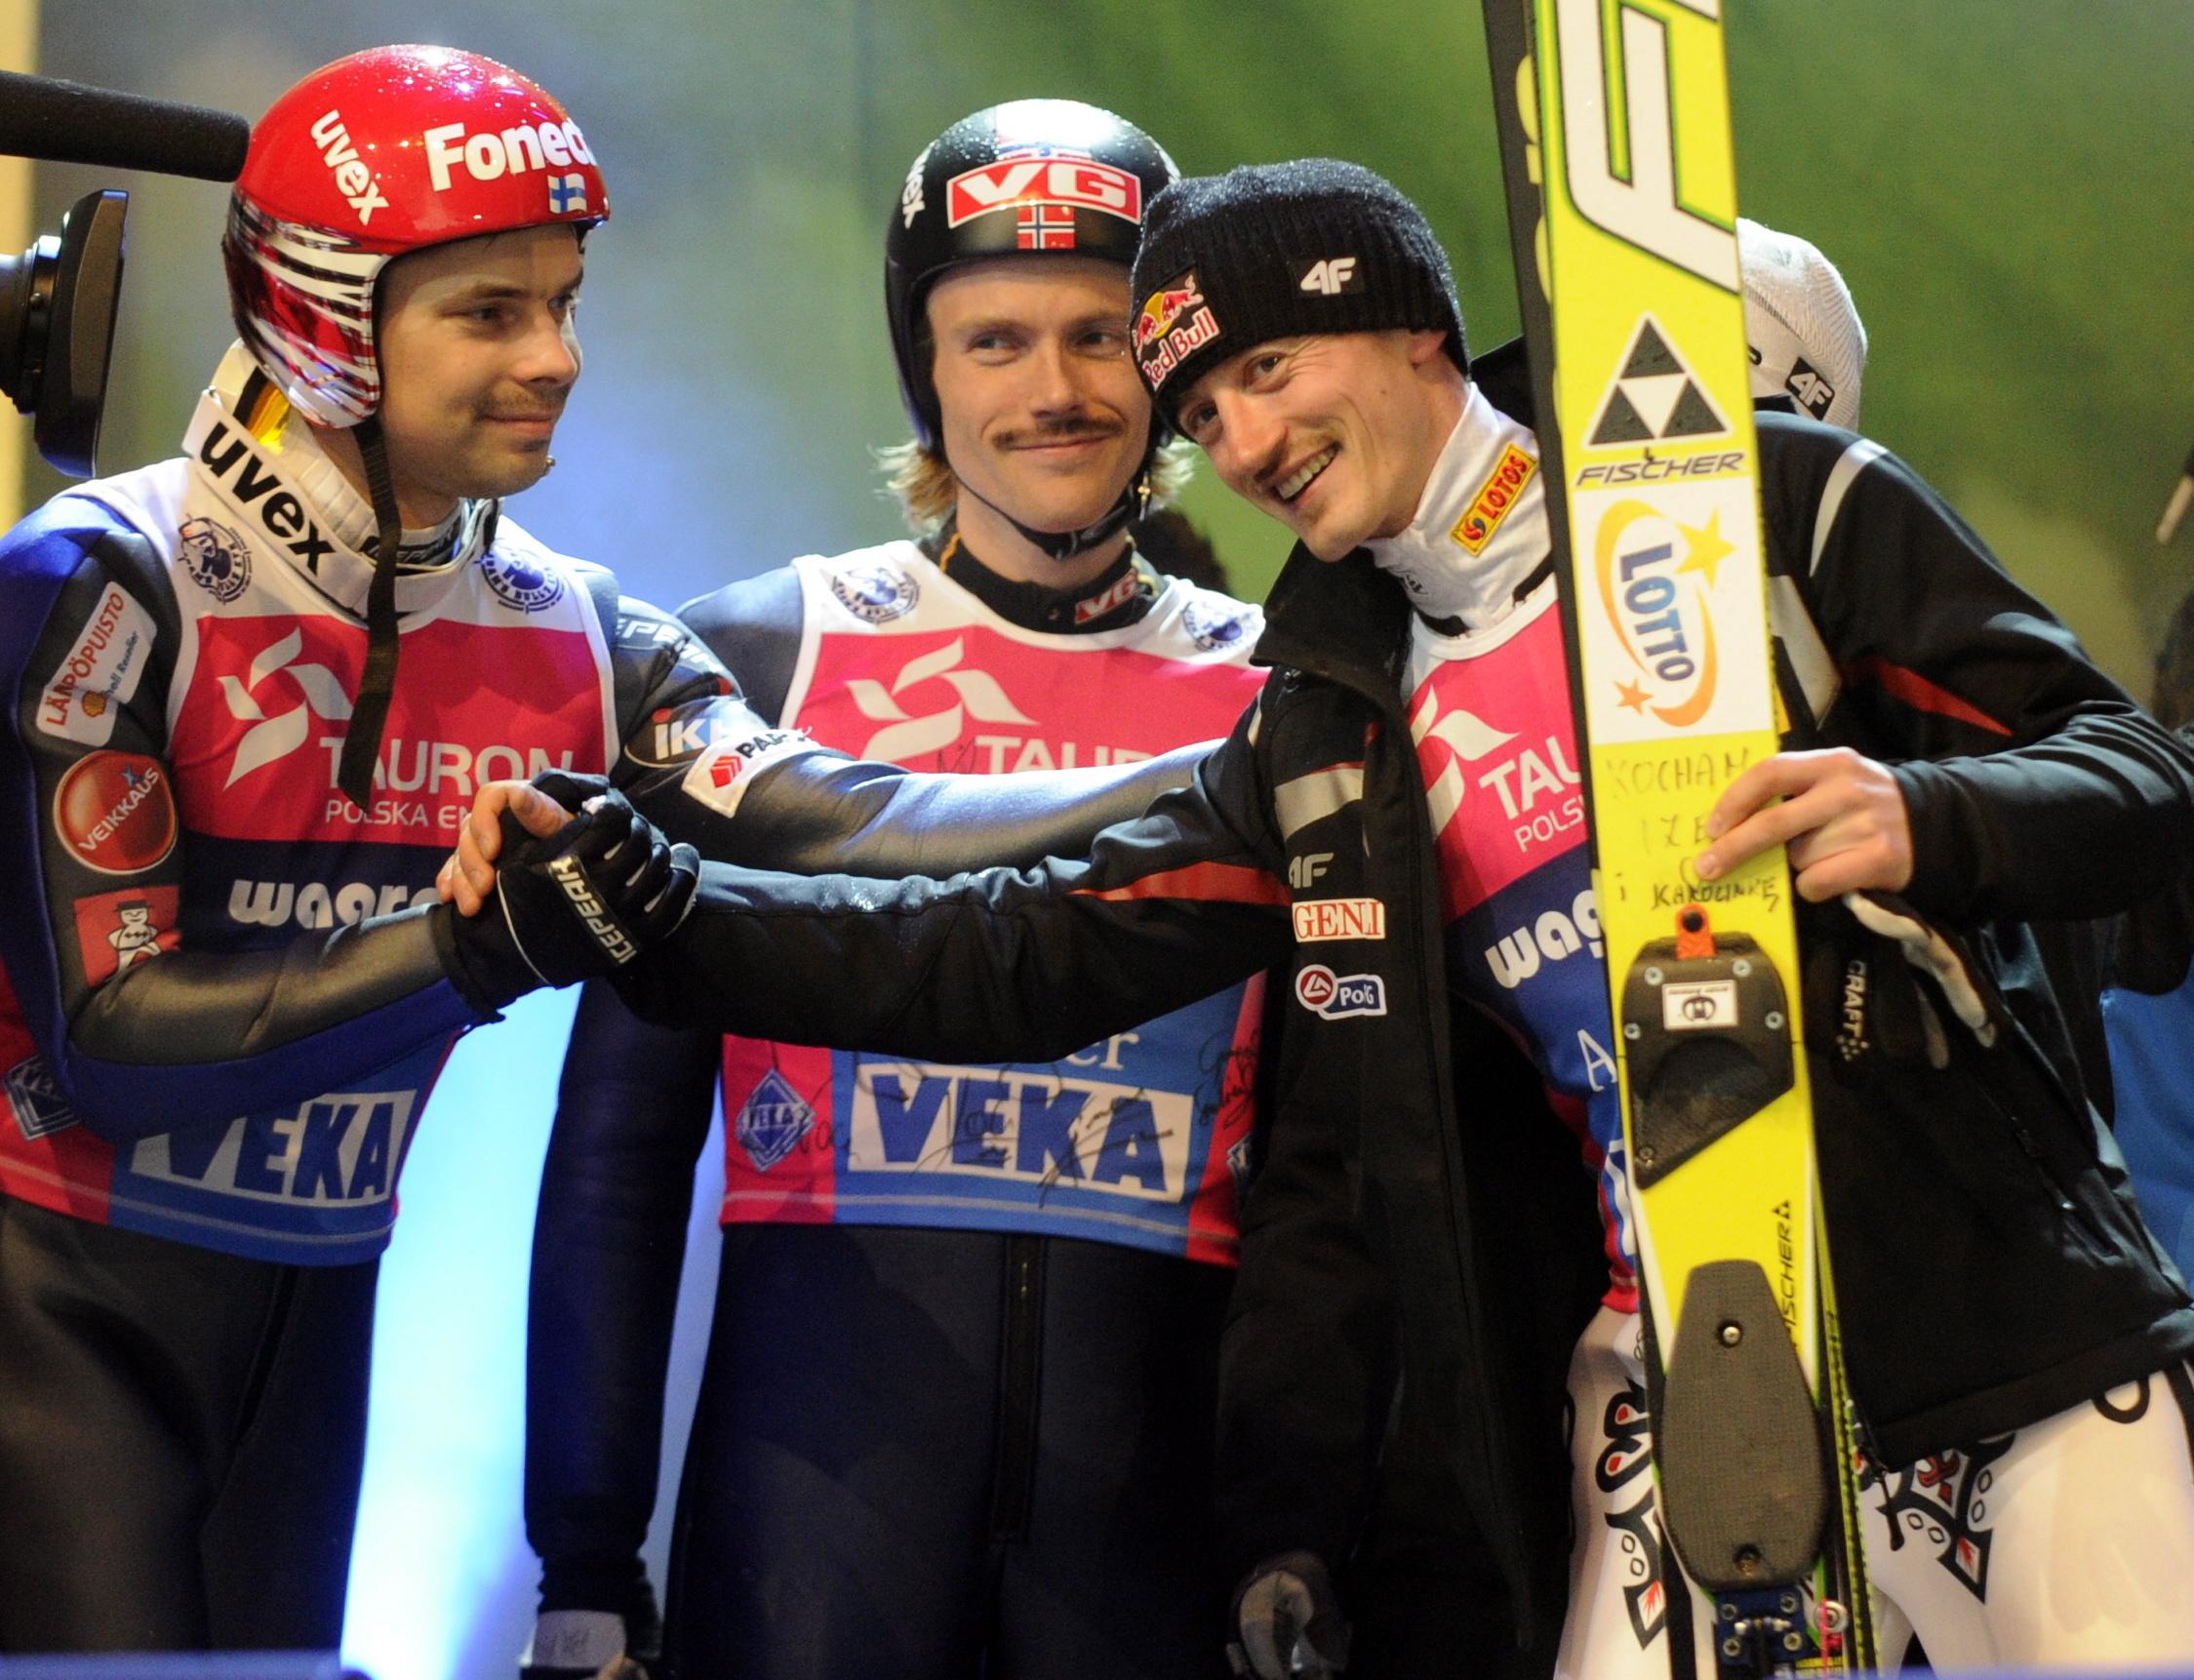 Drei Legenden unter sich: Matti Hautamaekki (links), Björn Einar Romören (mitte) und Adam Malysz (rechts). Foto aus dem Jahr 2011.